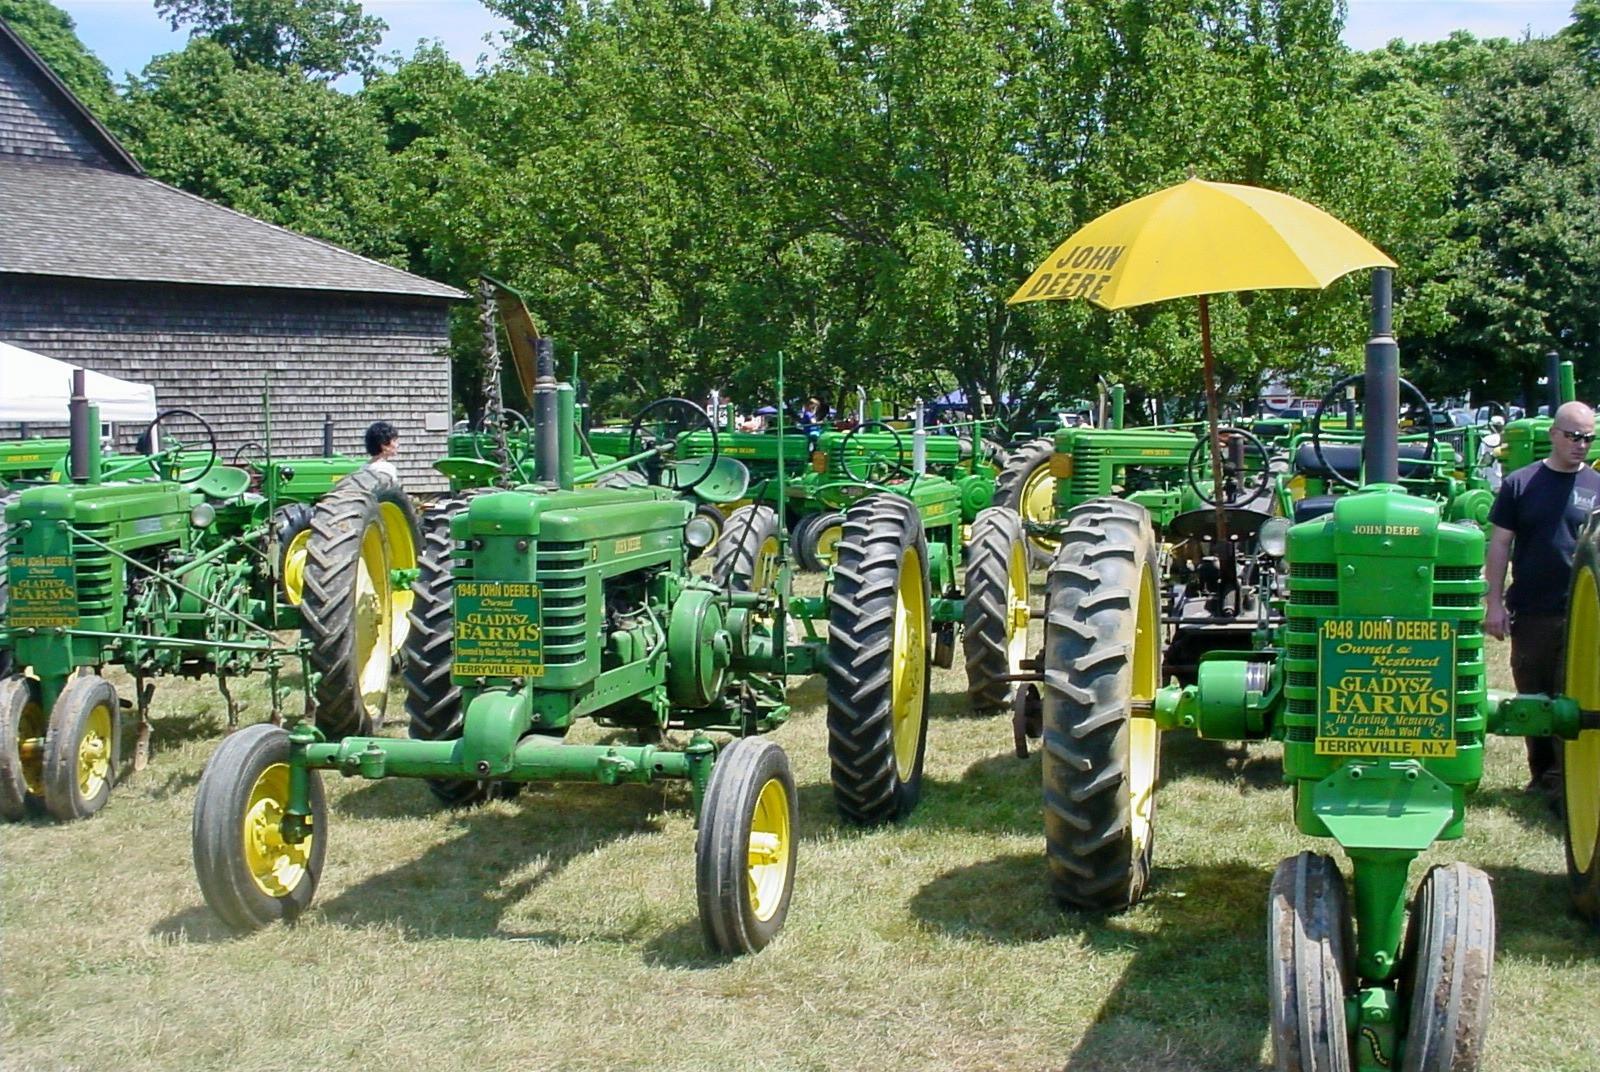 Rows of John Deere tractors